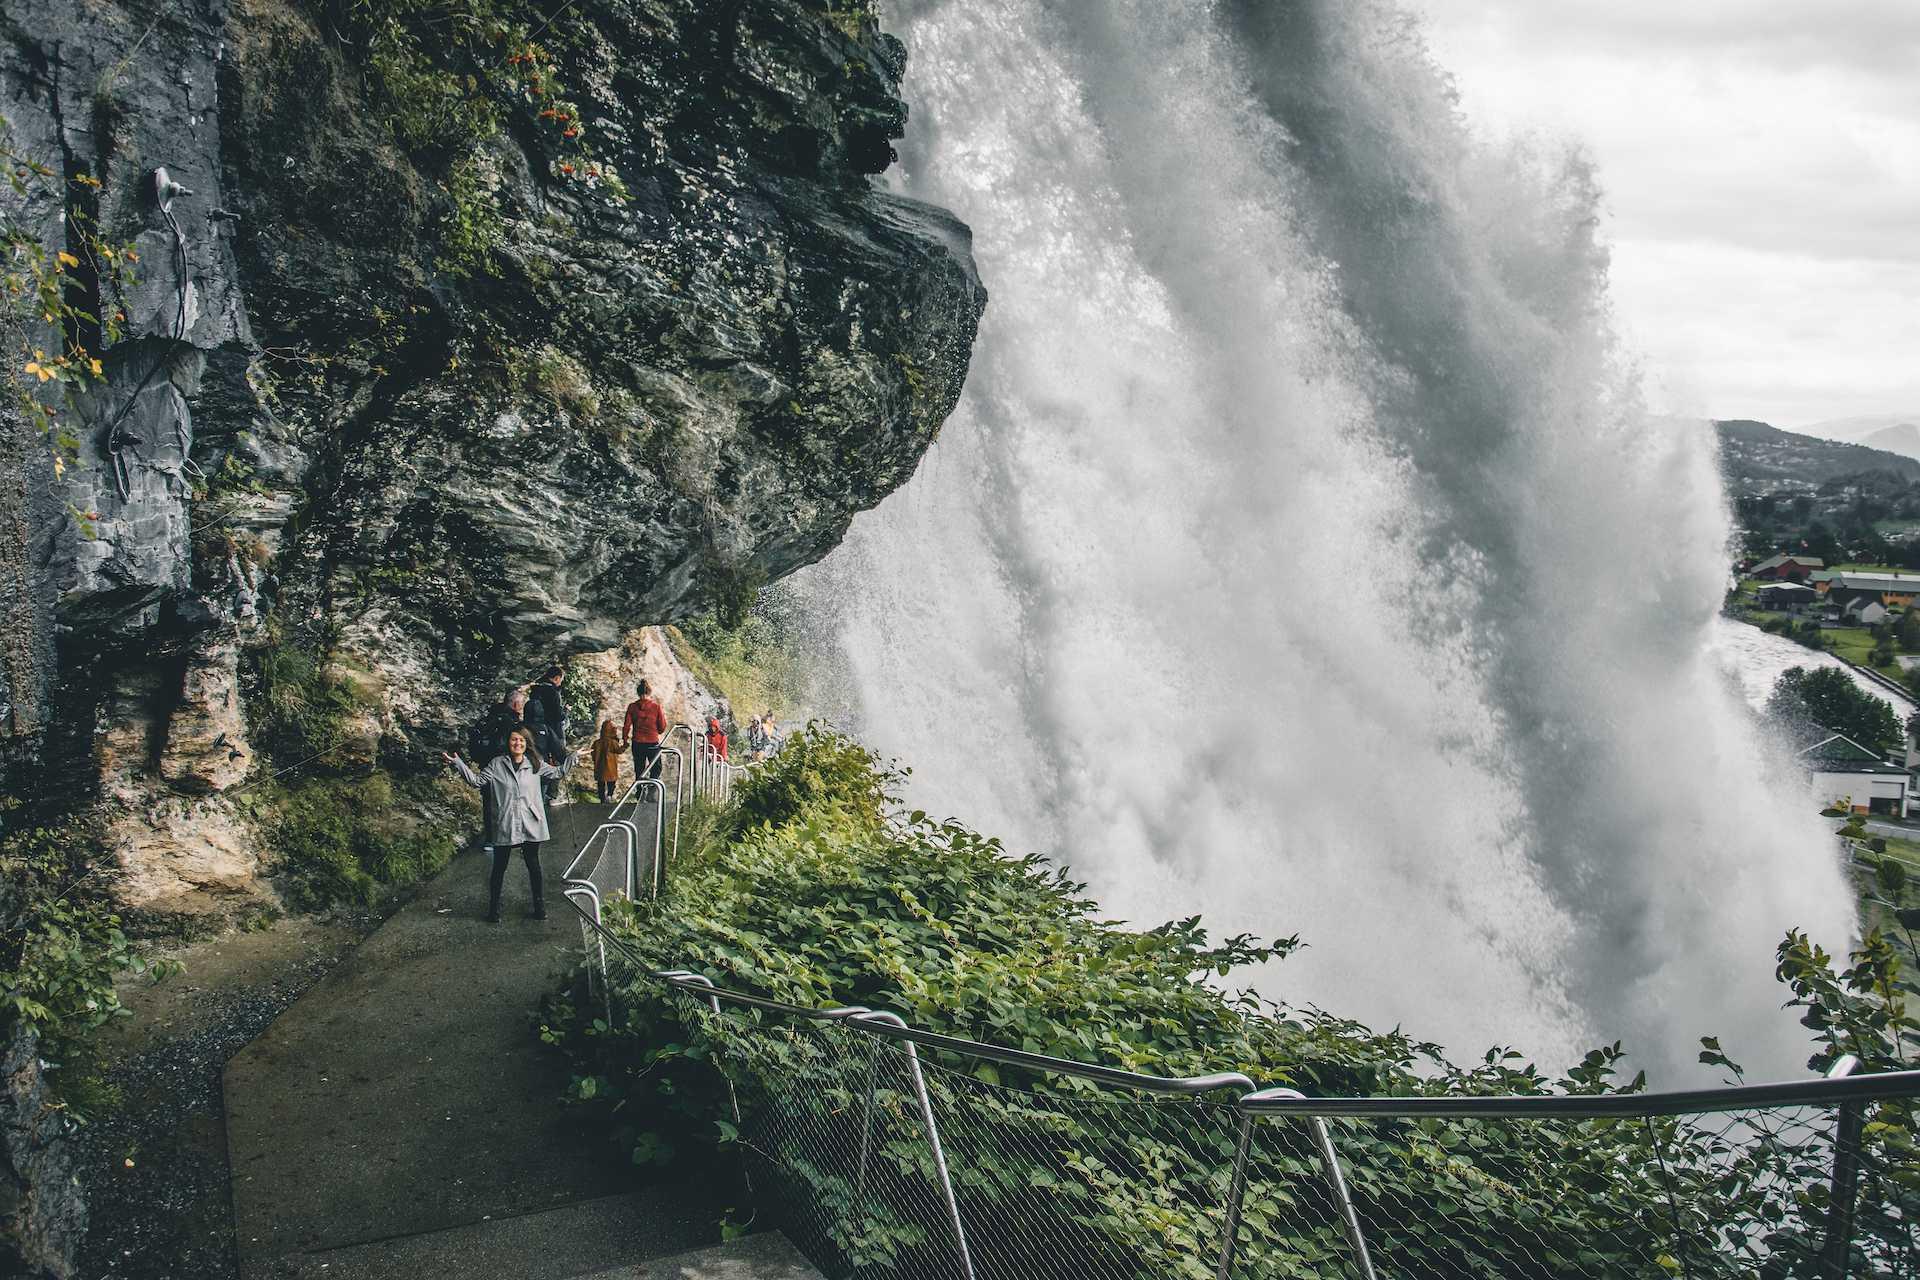 wodospad Steinsdalsfossen